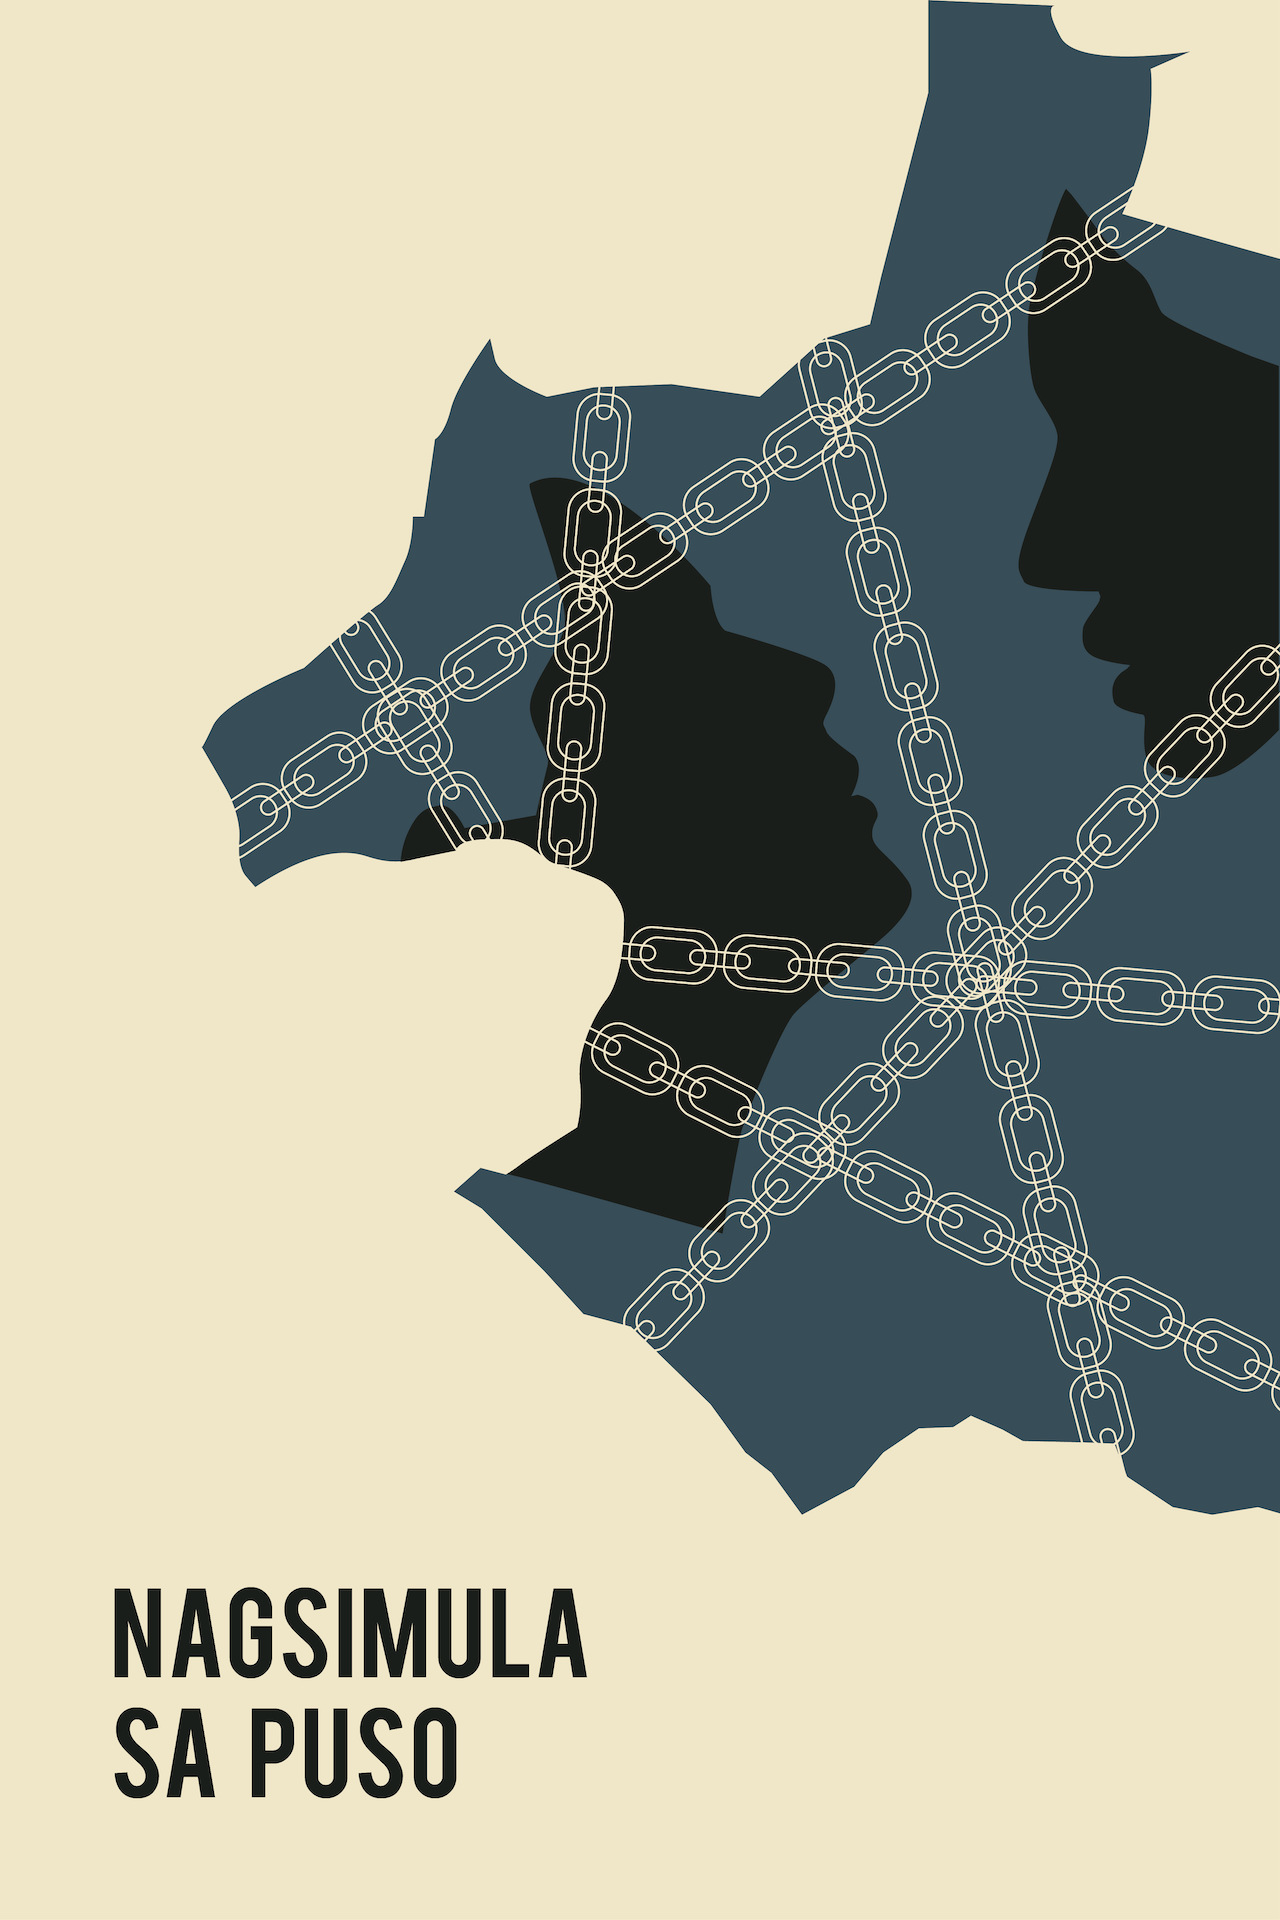 Nagsimula Sa Puso film poster,  illustration by Isabela Ferrer